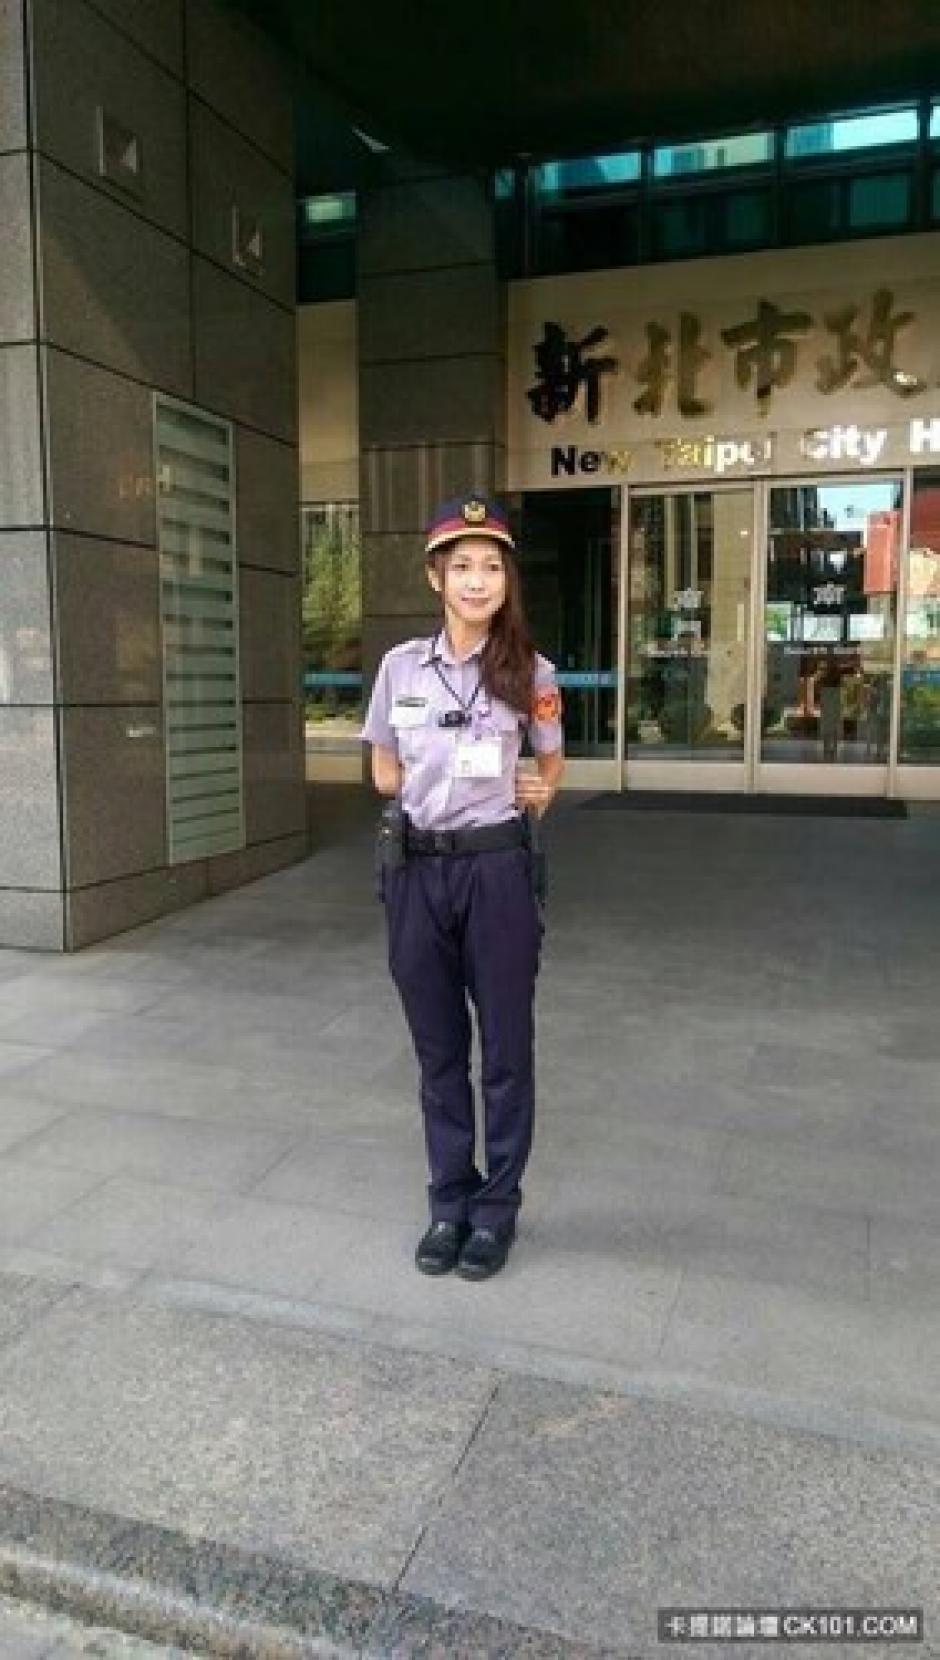 Internautas y personas que la han visto con el uniforme policiaco, dudan que realmente sea una agente policial. (Foto:kienthuc.net)